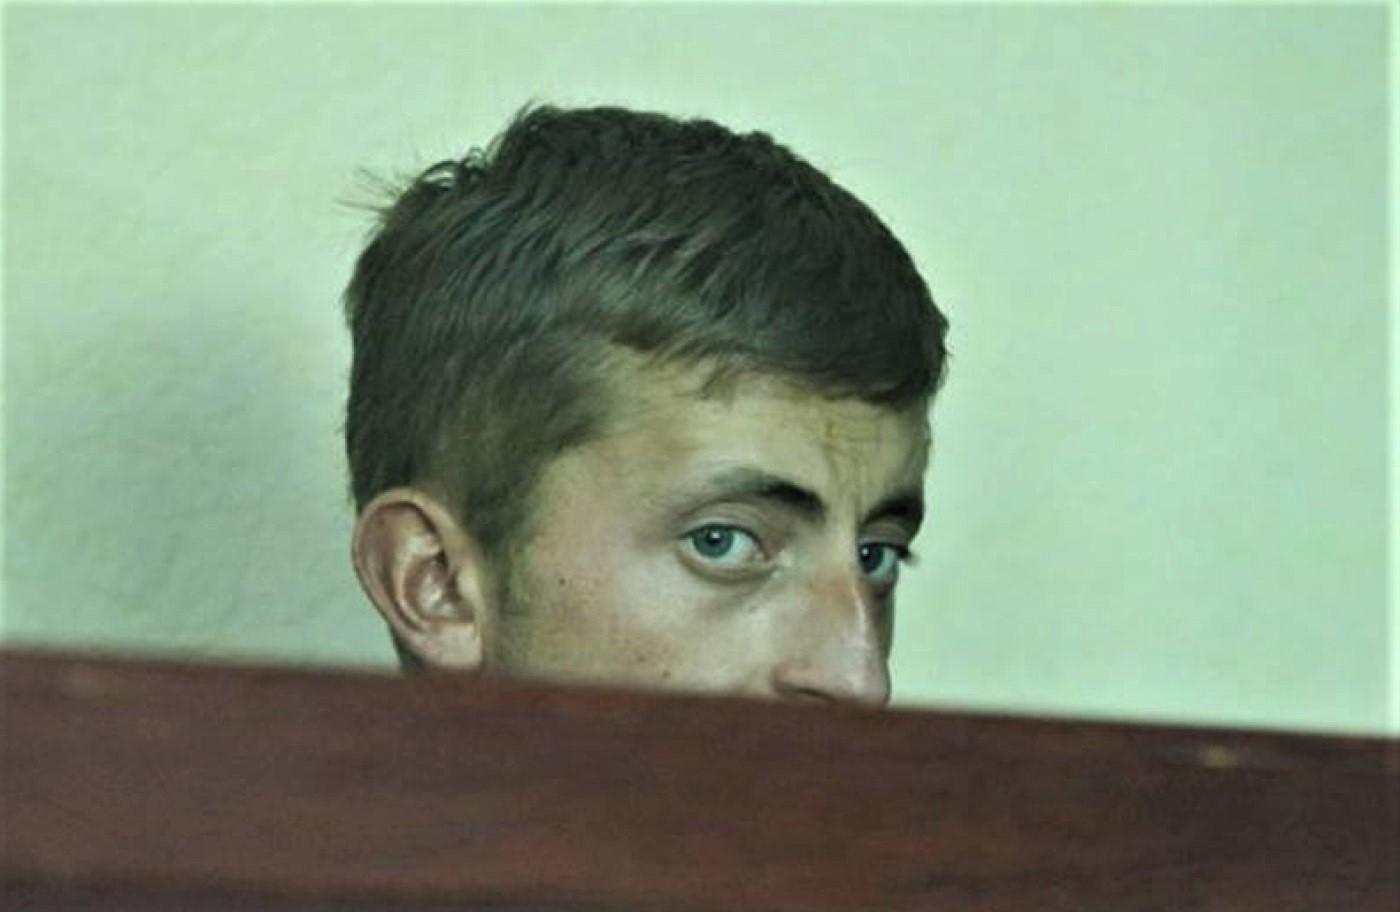 Malkhaz Kobauri #новости Грузия, Малхаз Кобаури, приговор, присяжные, Райан Смит, Смит, суд, убийство